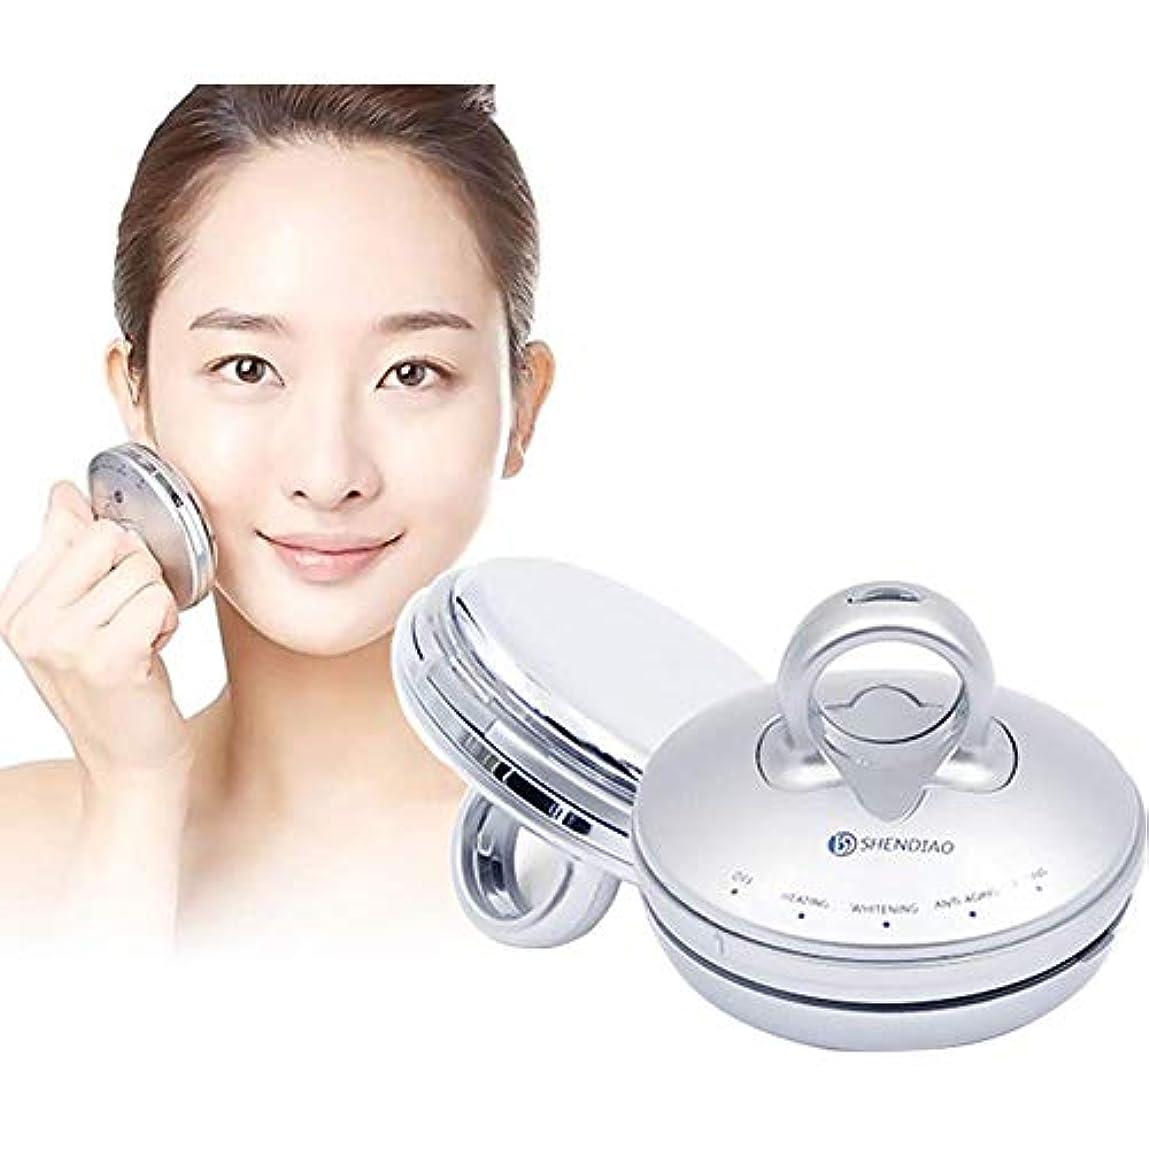 どこでも分類するエリート美のマッサージャー、顔のマッサージャーの振動美装置の顔のしわのスキンケアの上昇の反老化の白くなるマッサージャー